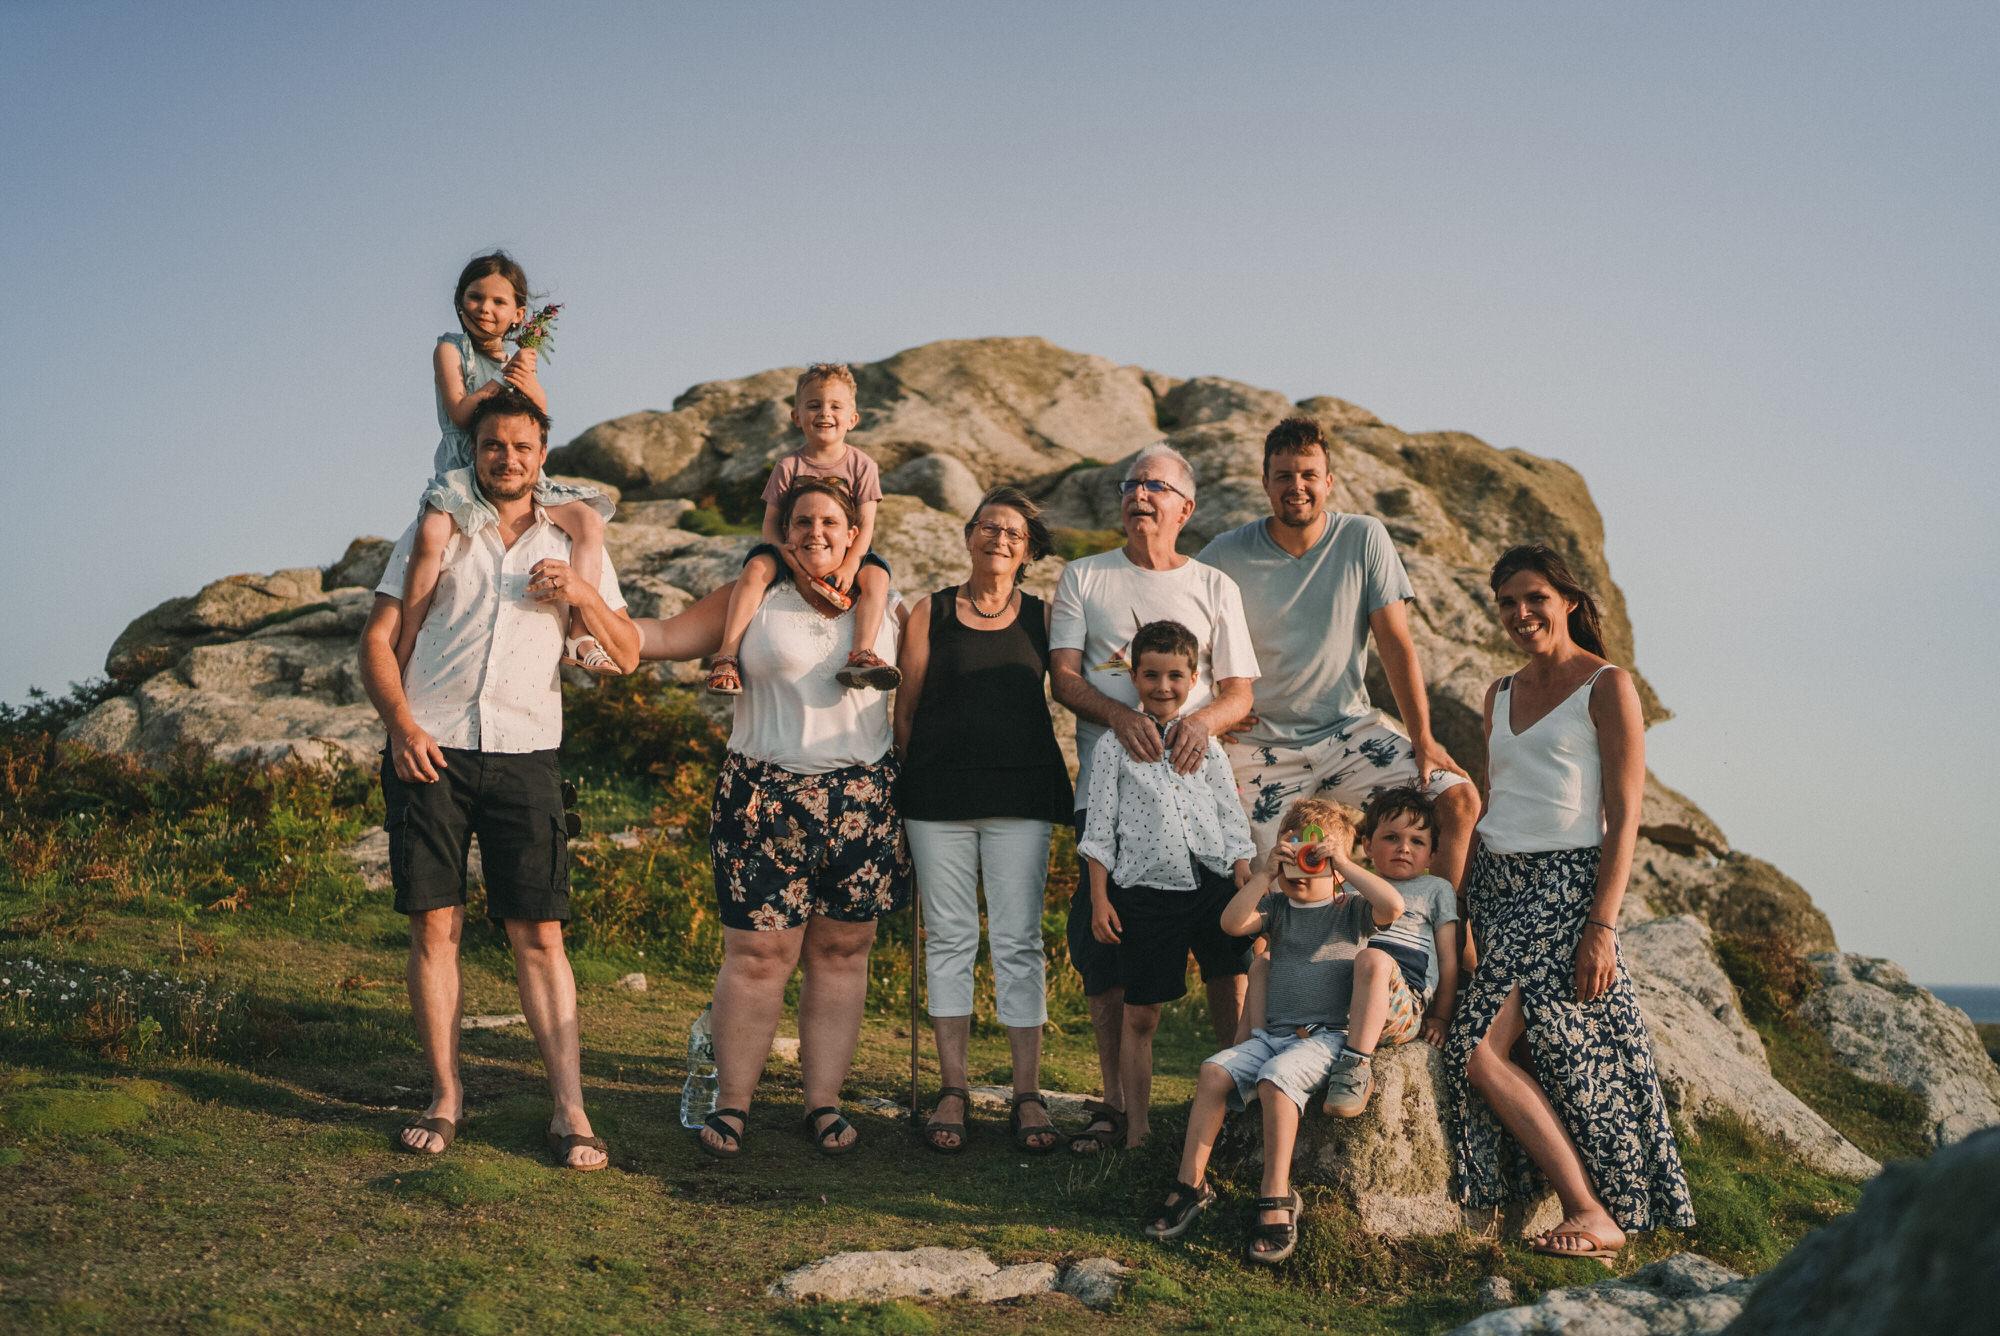 2021.07.20 Photo De Famille A Porspoder En Bretagne Par Antoine Borzeix 149, Photographe & Videaste à Brest / Finistère